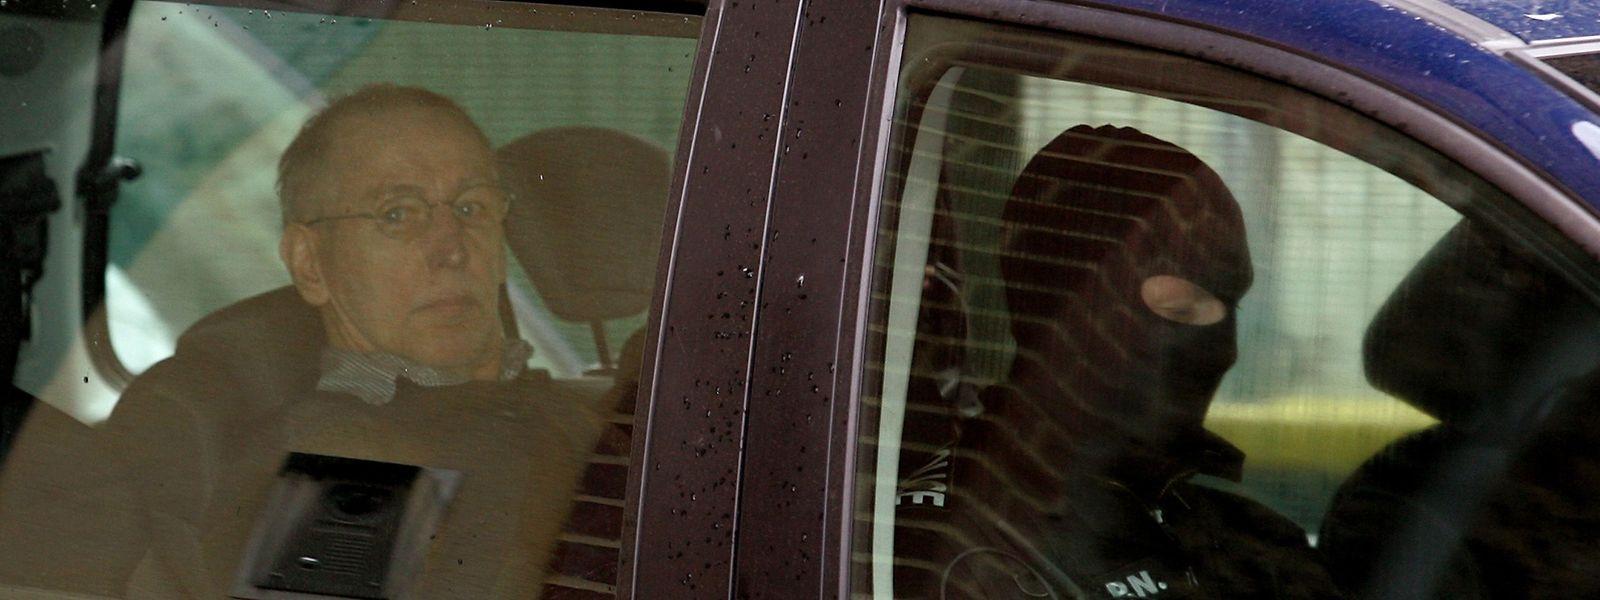 Le serial killer Michel Fourniret est passé aux aveux au terme de trois jours d'interrogatoire.